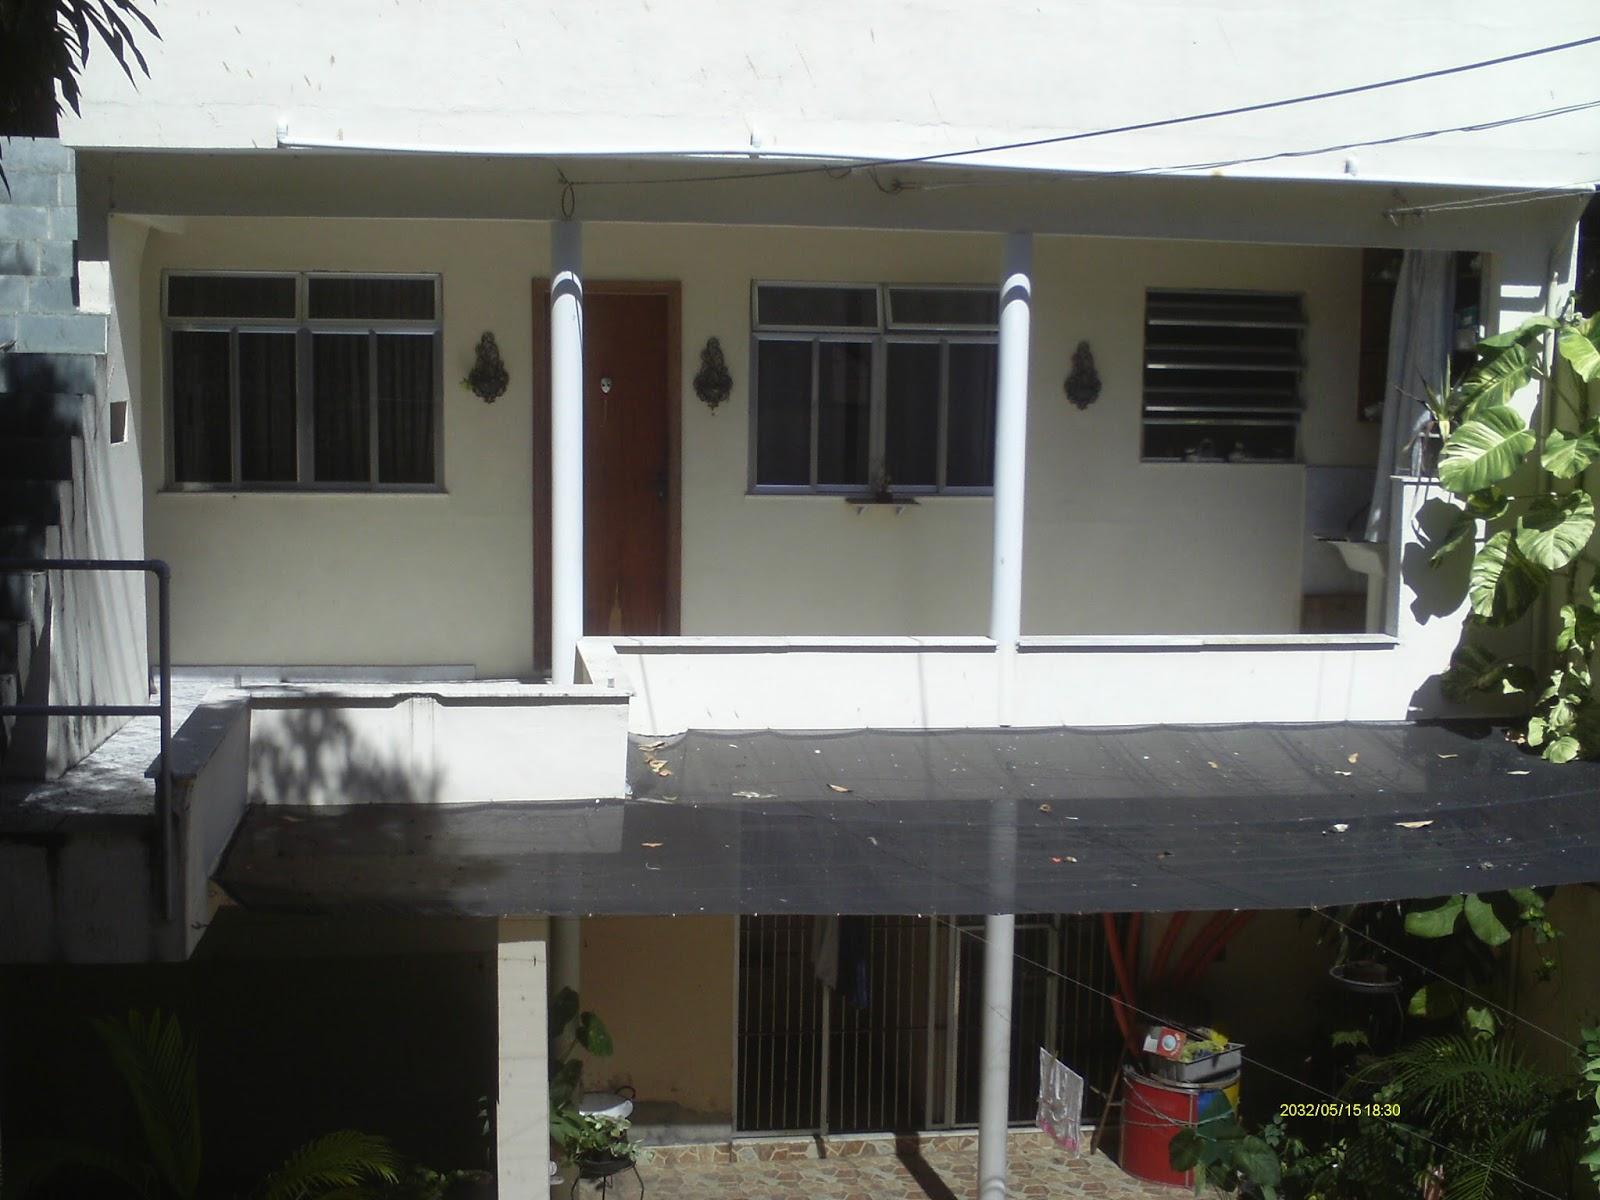 Imagens de #6A7F4C Casa Cocotá Ilha do Governador Avelino Freire Imóveis 1600x1200 px 2886 Box Banheiro Ilha Do Governador